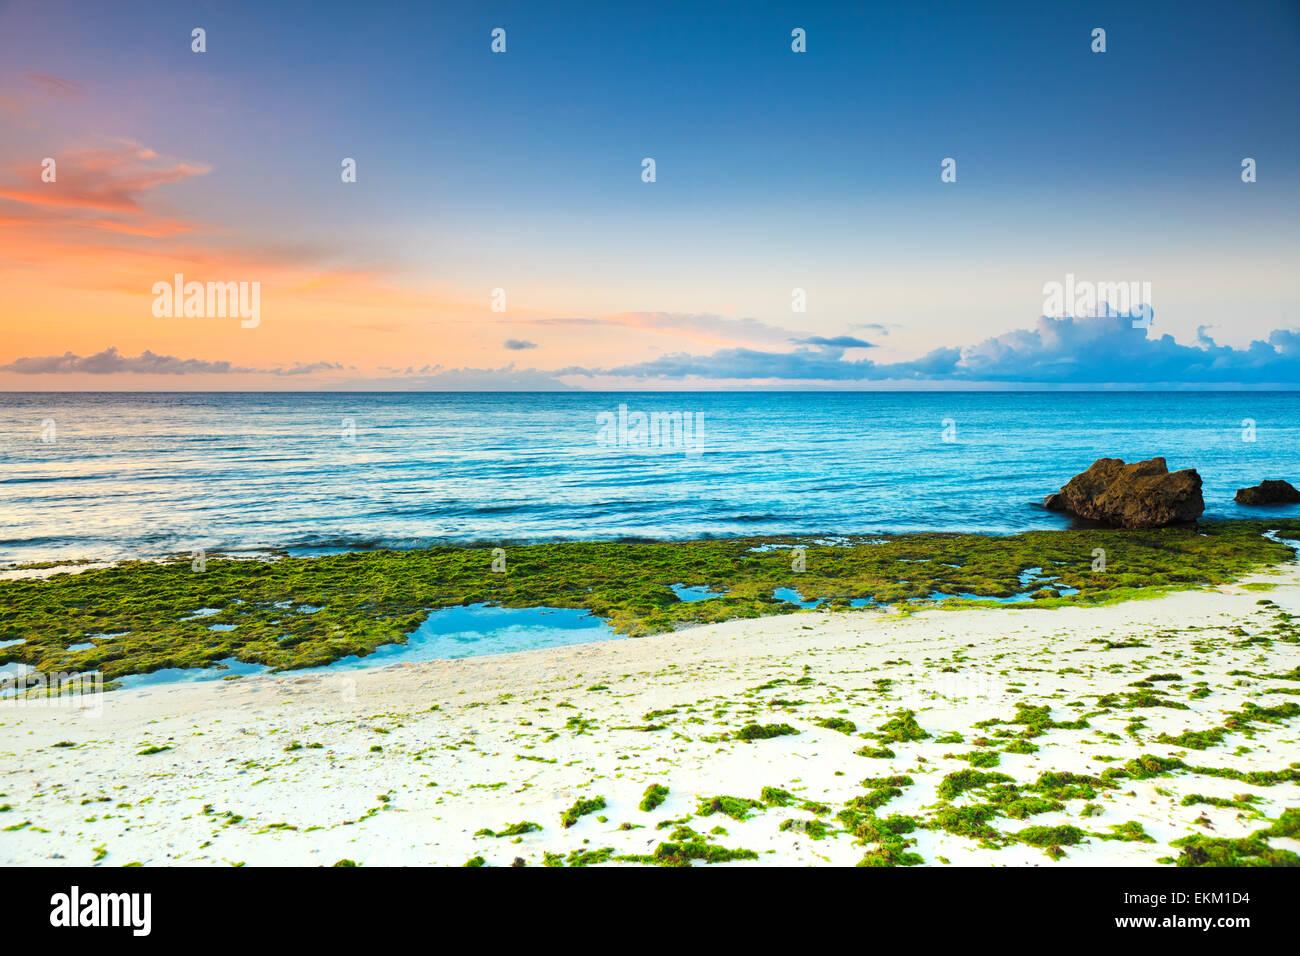 Le lever du soleil sur la mer. Pierre sur l'avant-plan Photo Stock